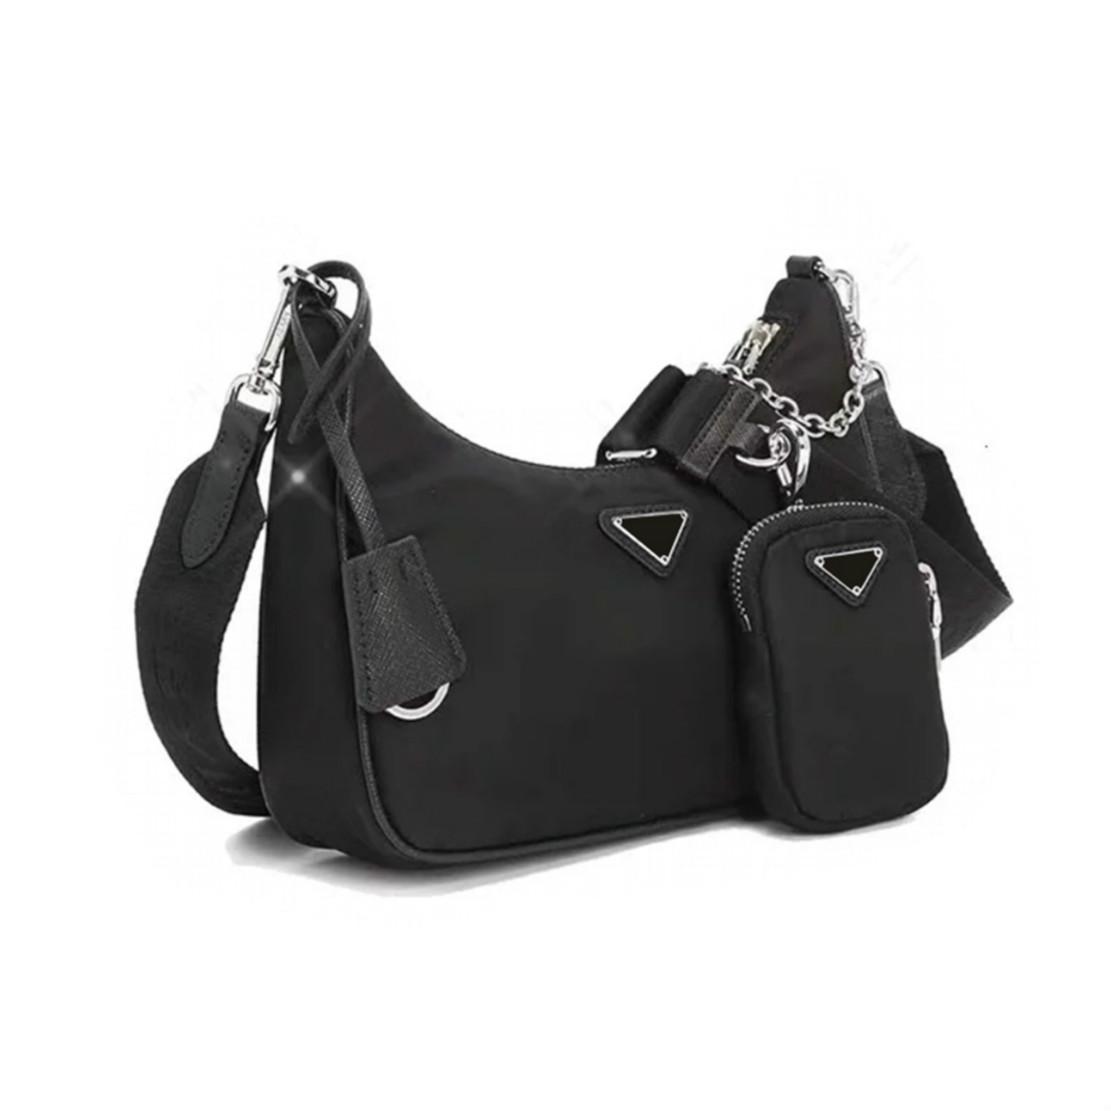 2020 Deisigner Bolsa de Ombro para Mulheres Pacotes Pacotes Lady Tote Chains Bolsas Presbypic Bolsa Messenger Bag Designer Bolsas De Lona Por Atacado